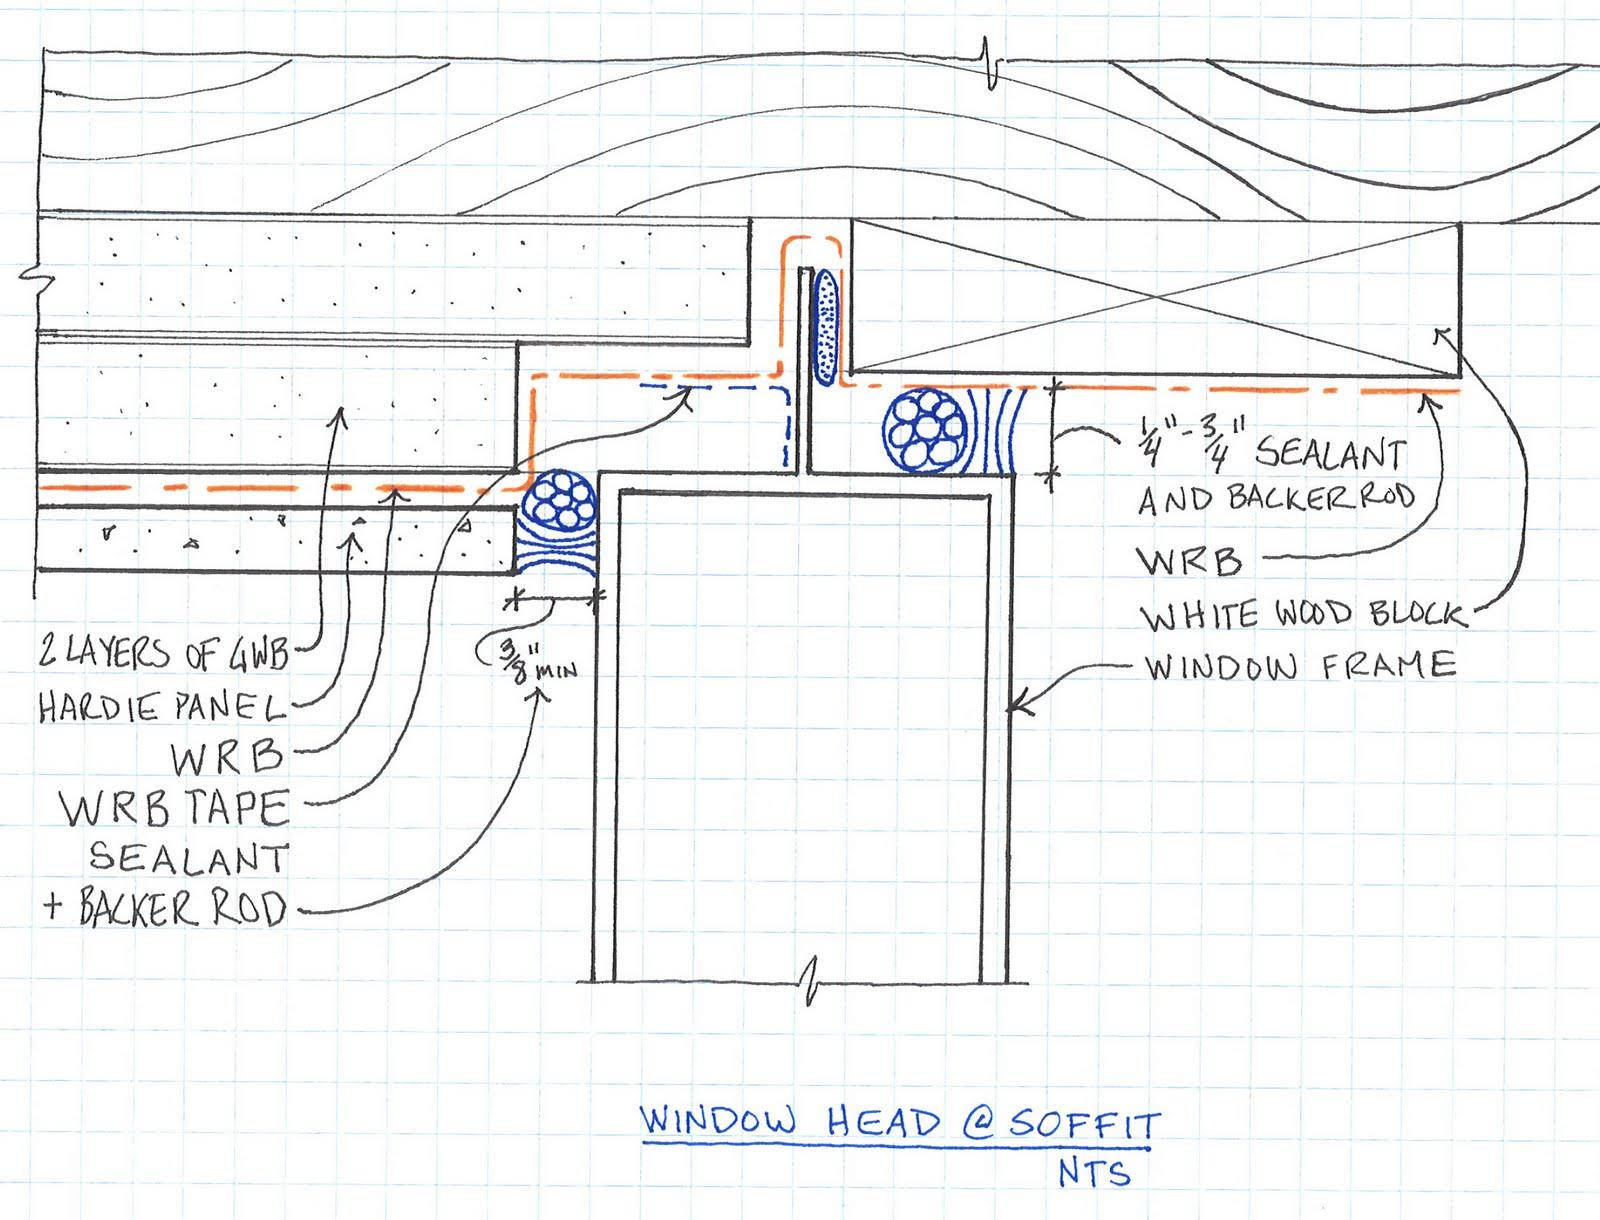 Building Envelope Blog: Soffit Details